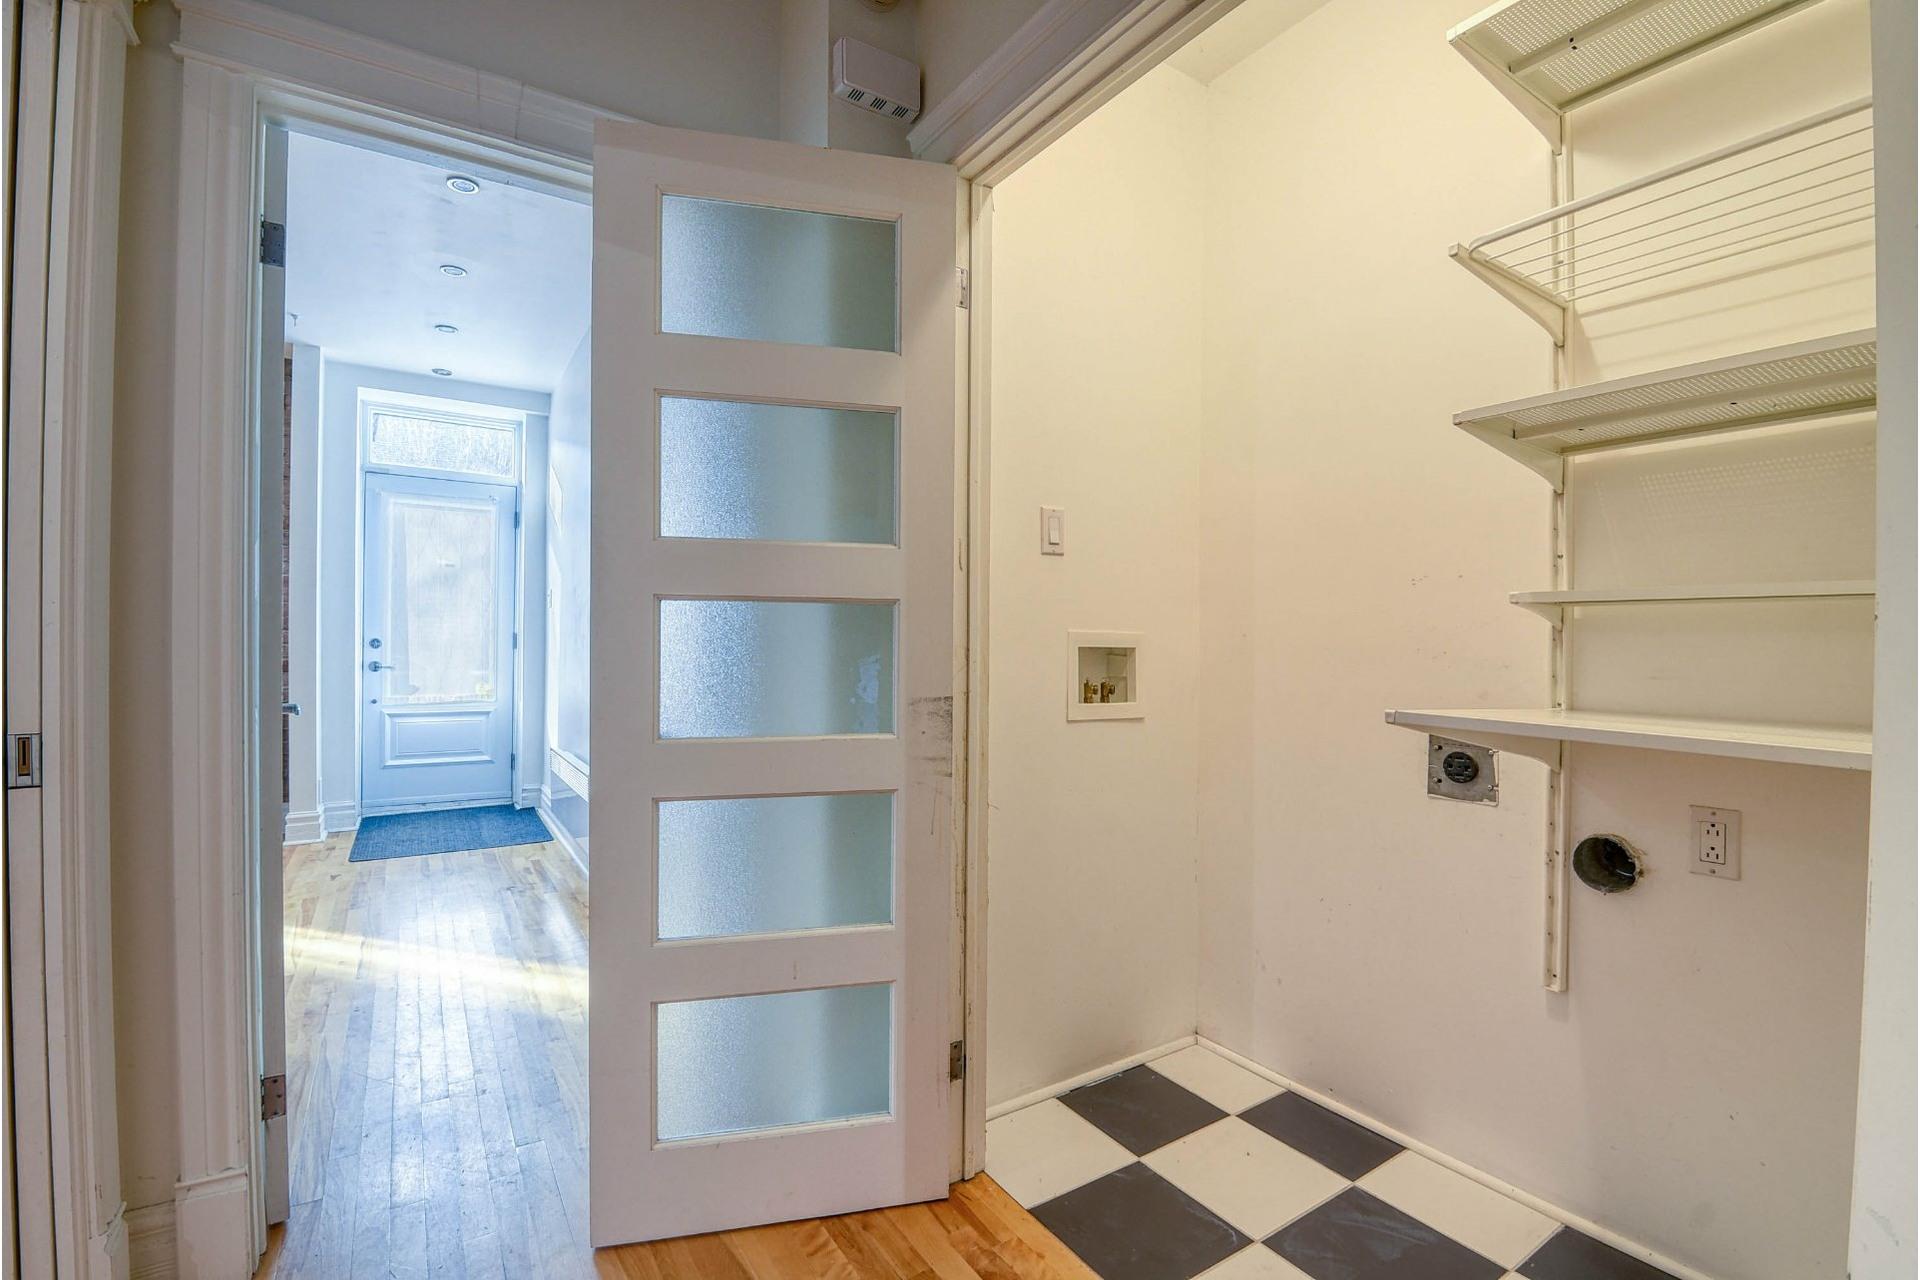 image 16 - Duplex For sale Le Sud-Ouest Montréal  - 5 rooms